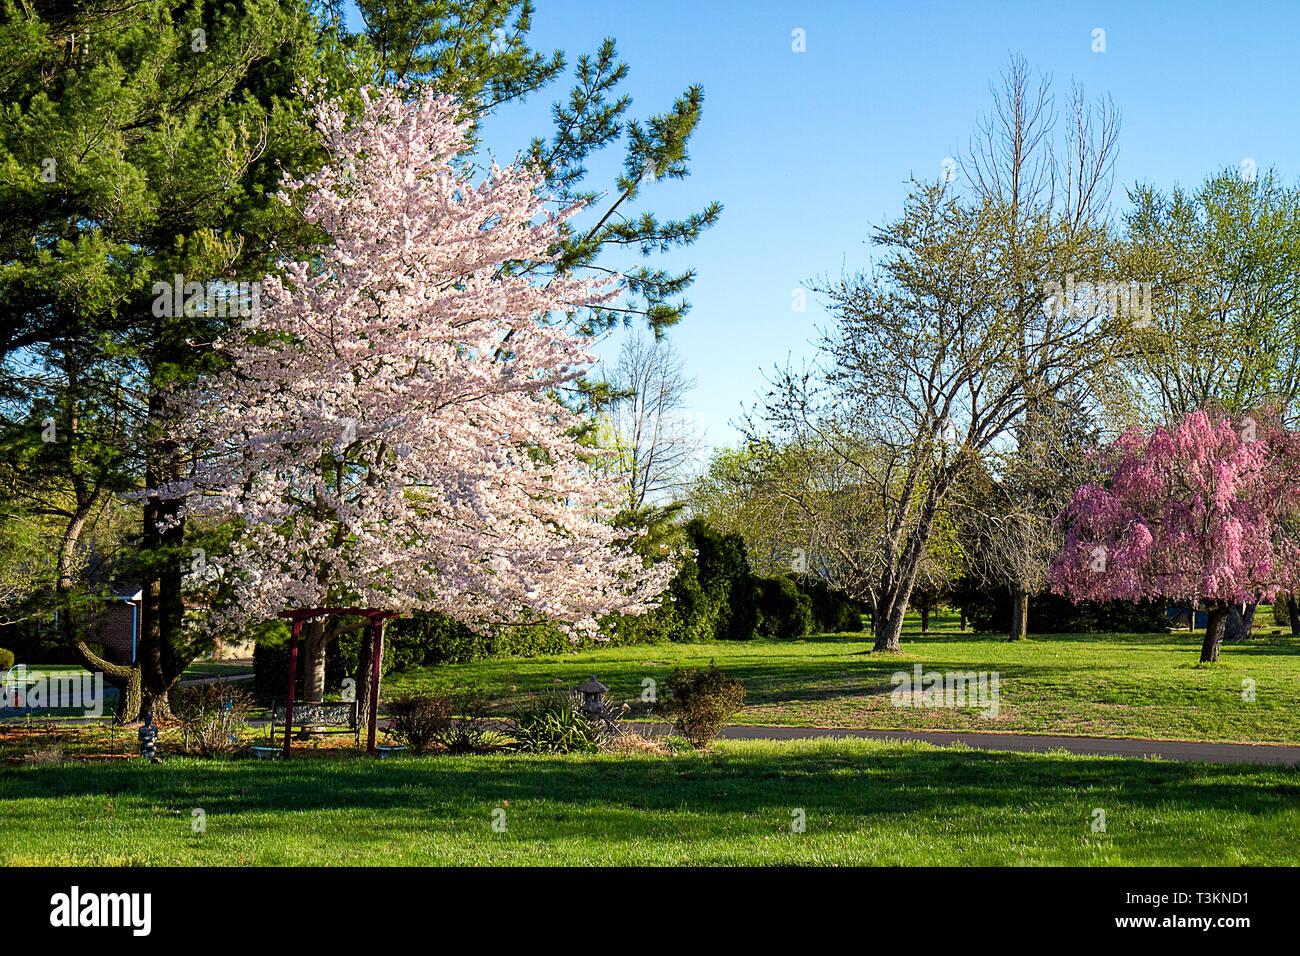 Cherry Blossom Tree en pleine floraison au printemps. Image Paysage Photo Stock